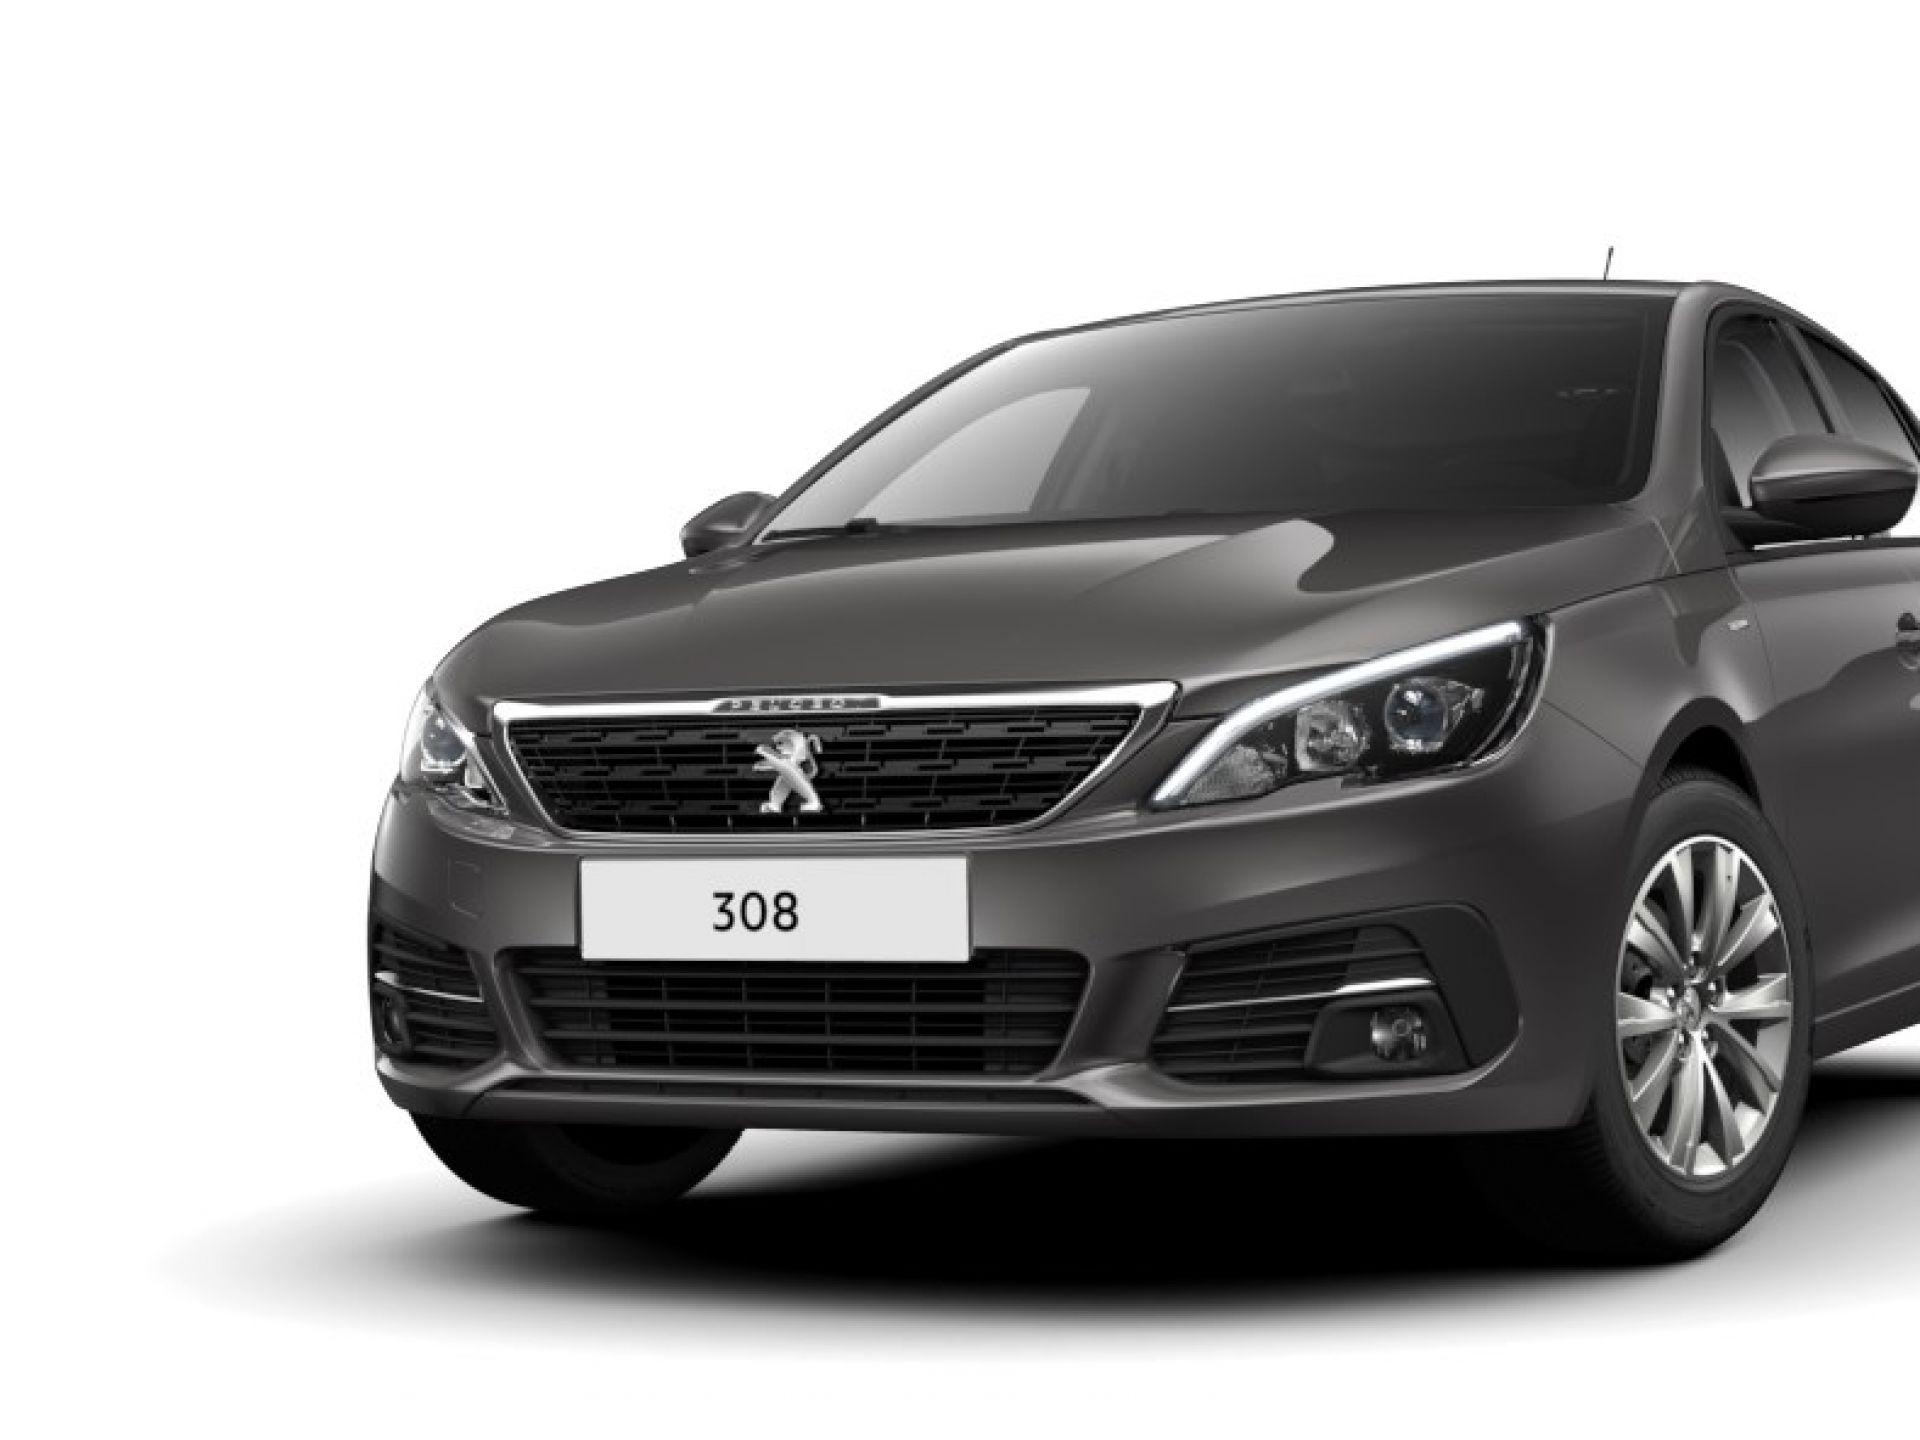 Peugeot 308 Style 1.5 BlueHDi 100 cv Euro 6.2d segunda mão Porto